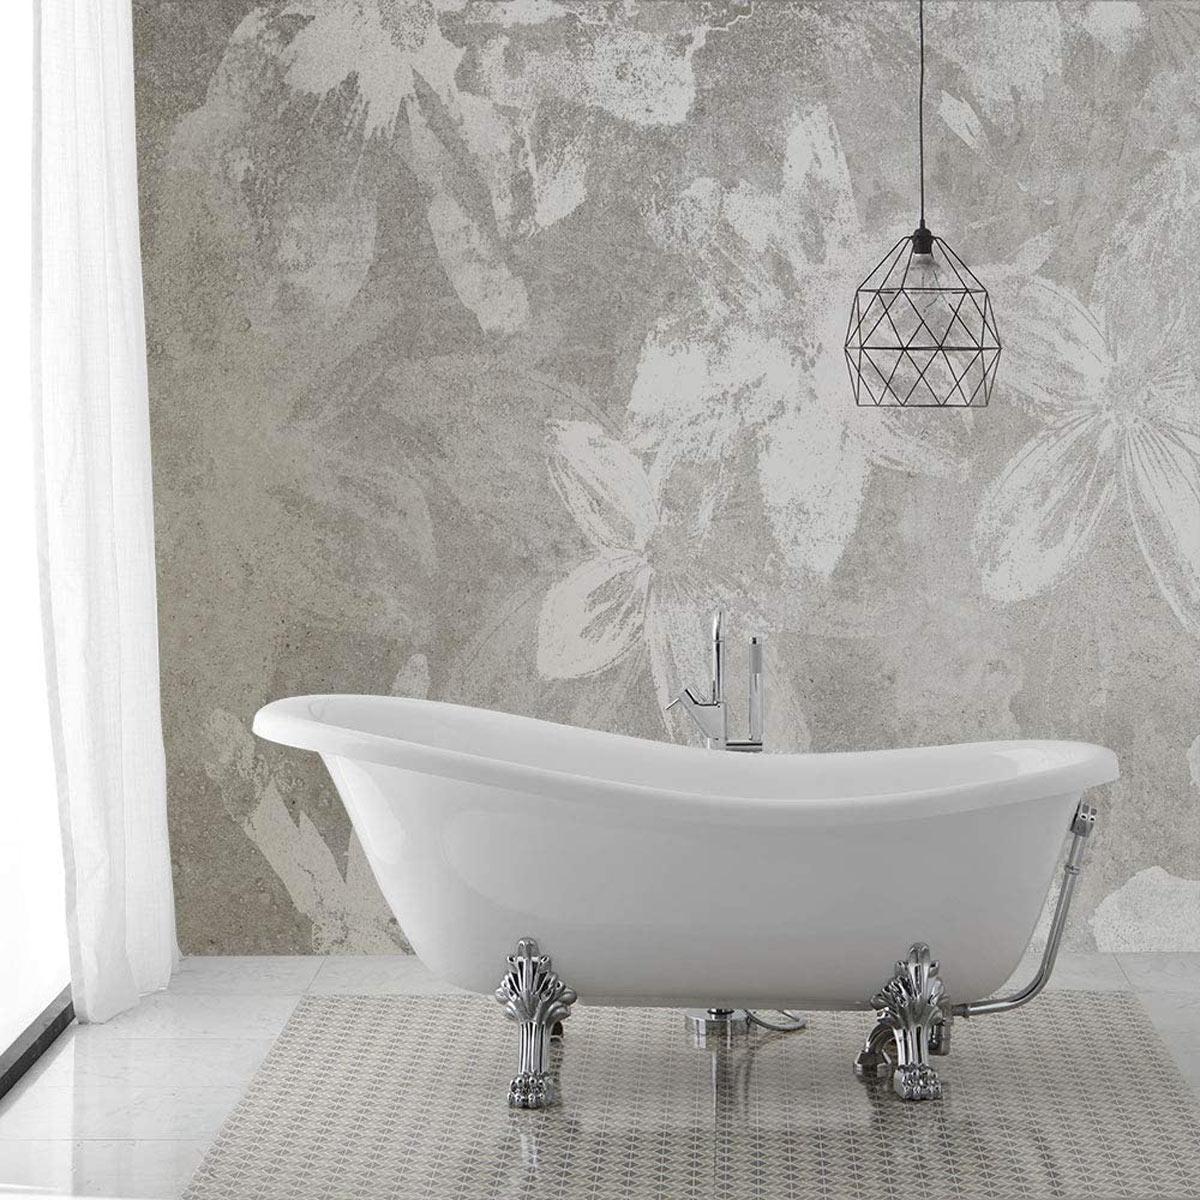 Vasche da bagno extralusso a prezzi abbordabili.